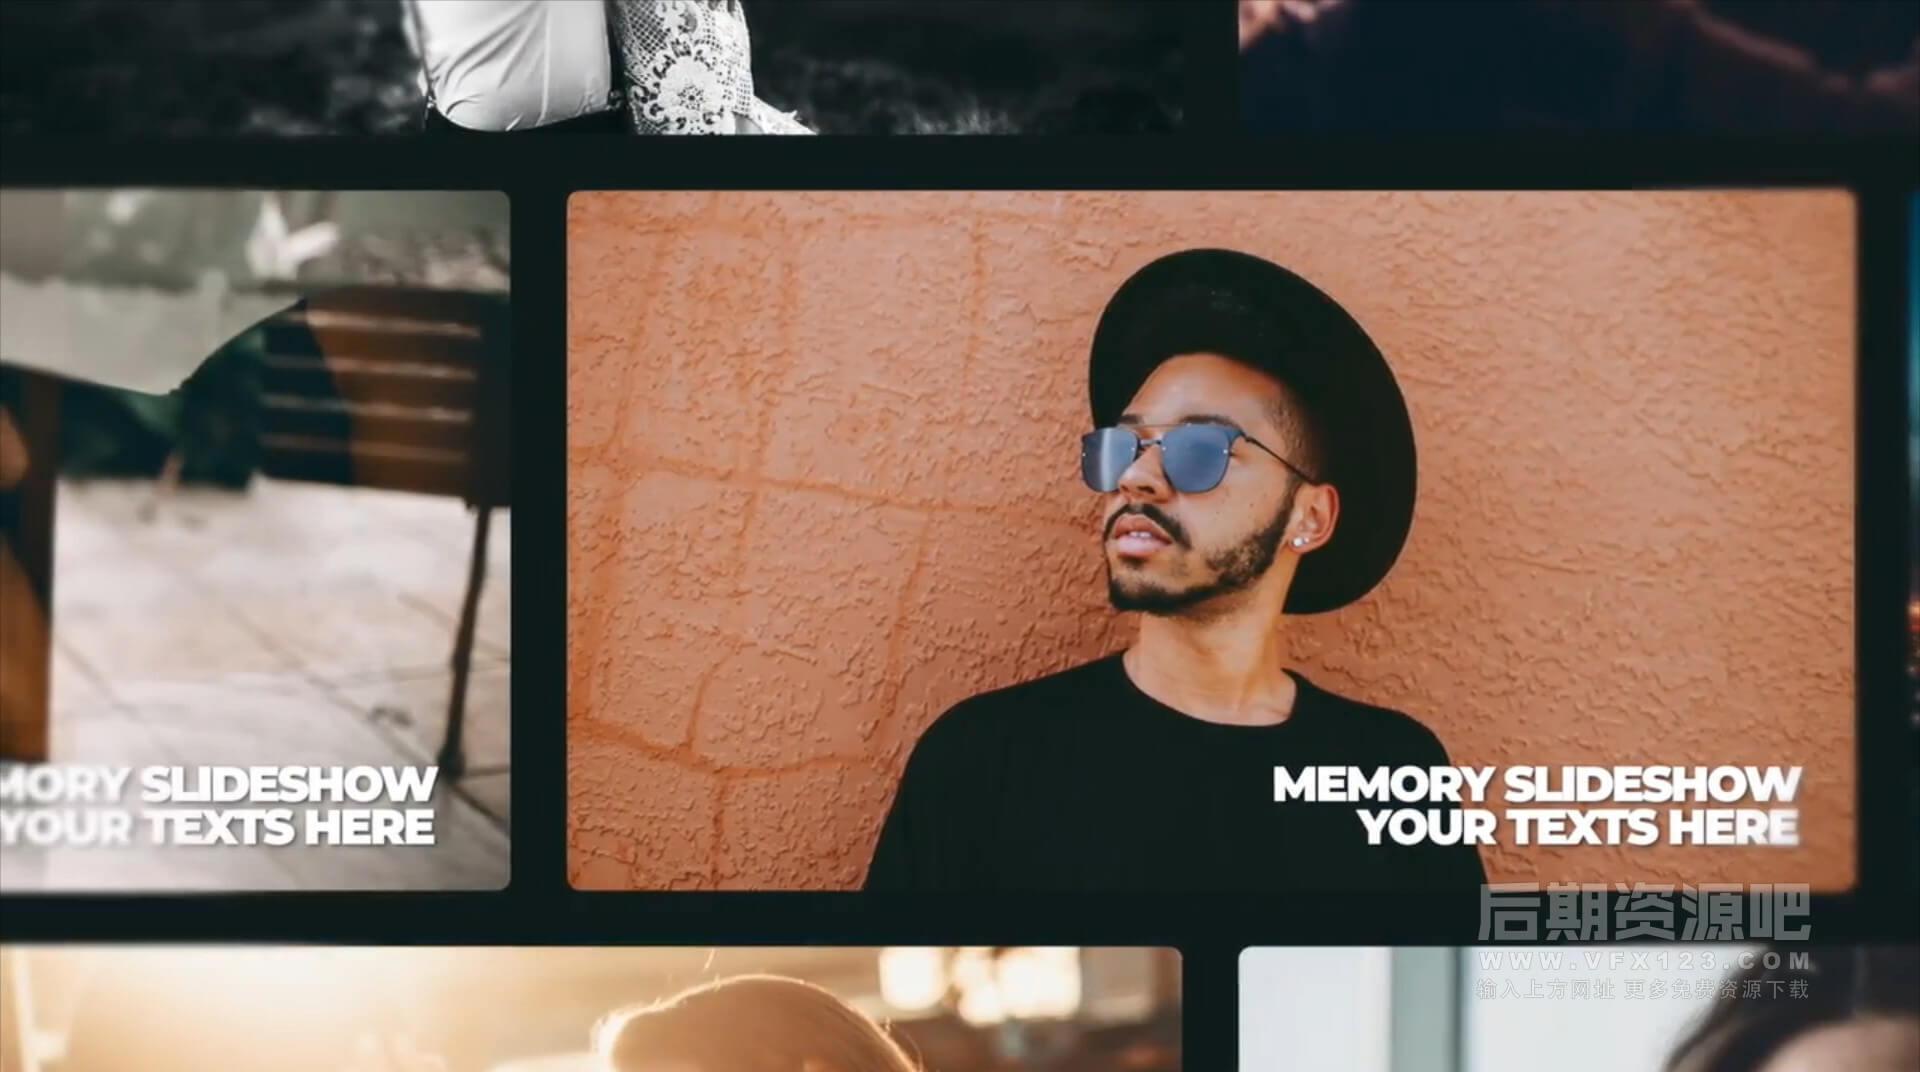 fcpx主题模板 浪漫回忆旅行纪念婚礼MV相册模板 Memory Slideshow